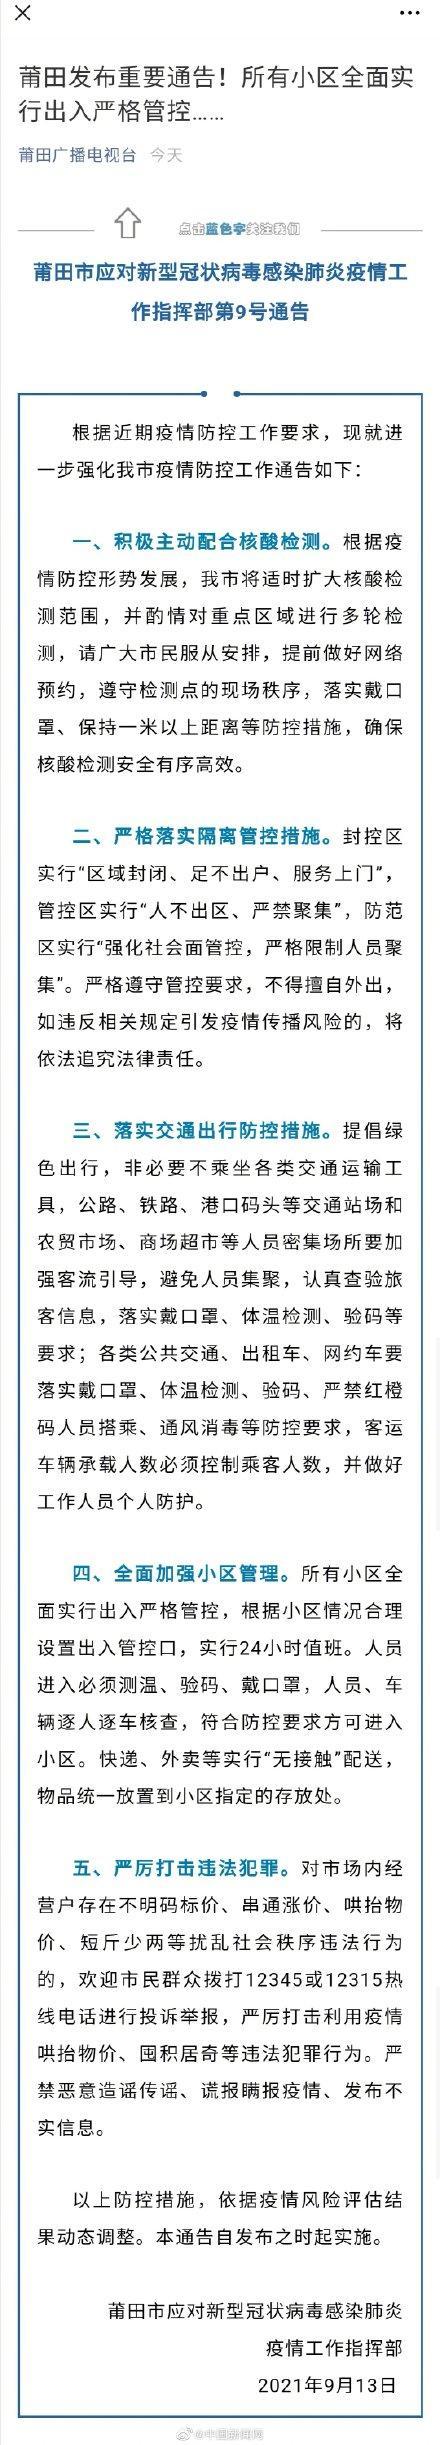 福建莆田所有小区出入严格管控 全球新闻风头榜 第1张